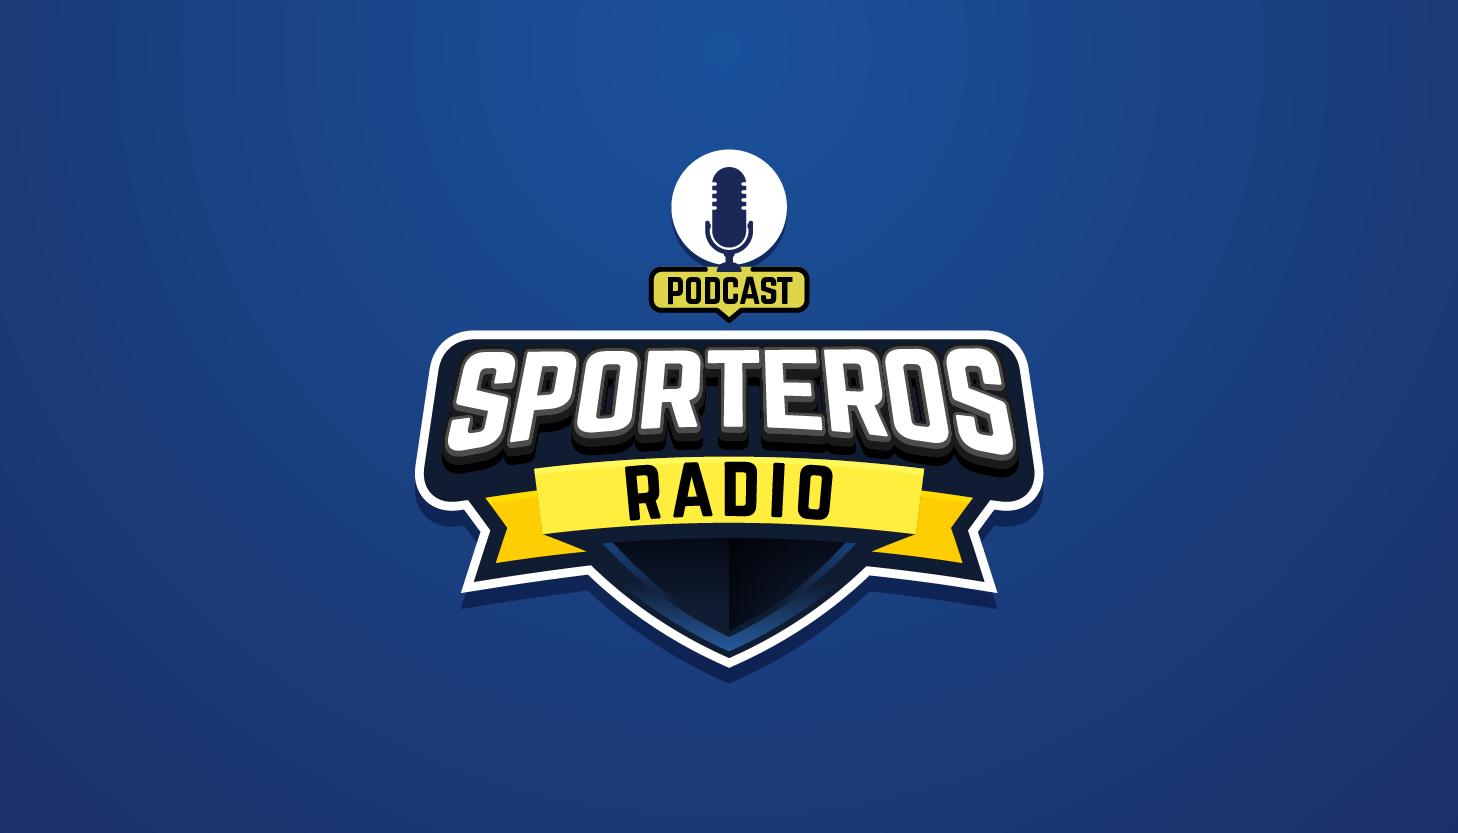 Sporteros Radio: ¿Qué nos dejaron las finales de la Copa Sudamericana y Libertadores?